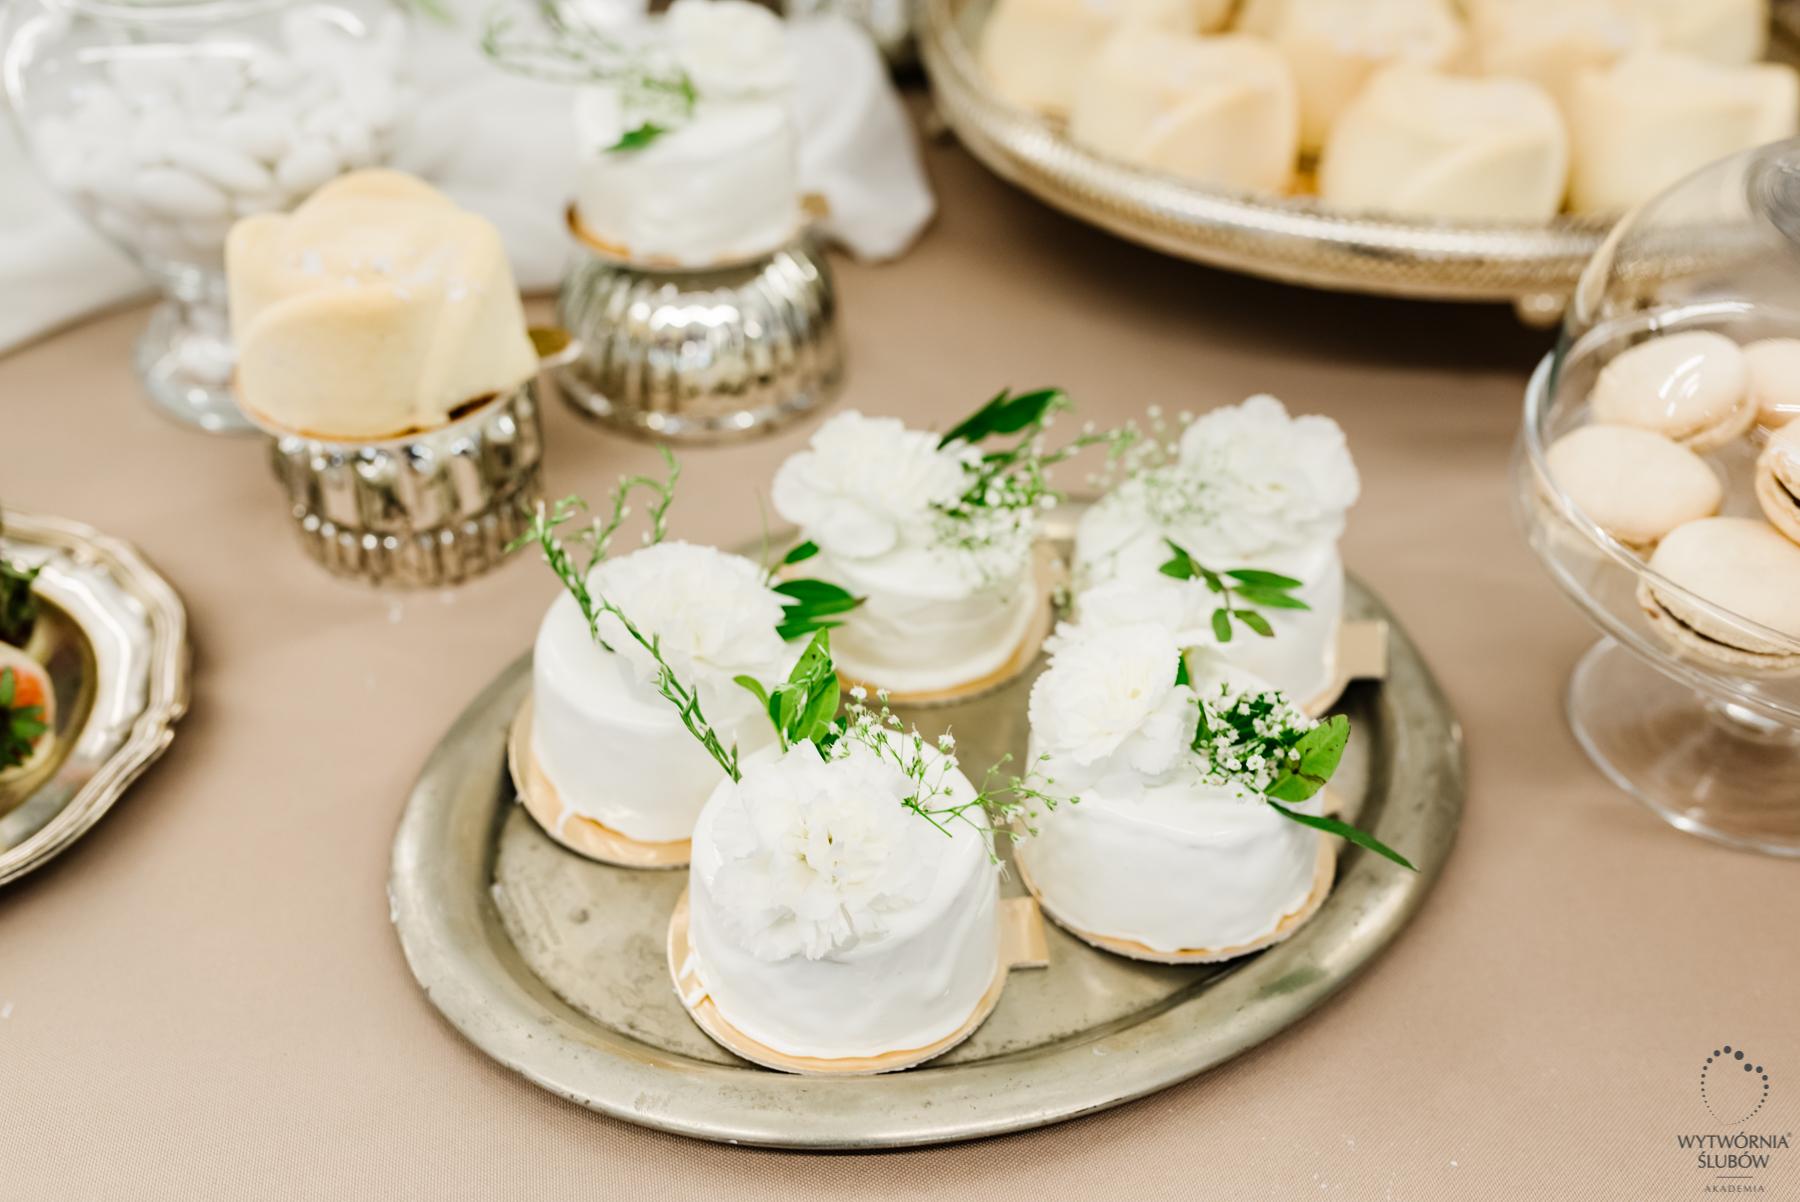 dekoracje na stół weselny - ozdoby stołu